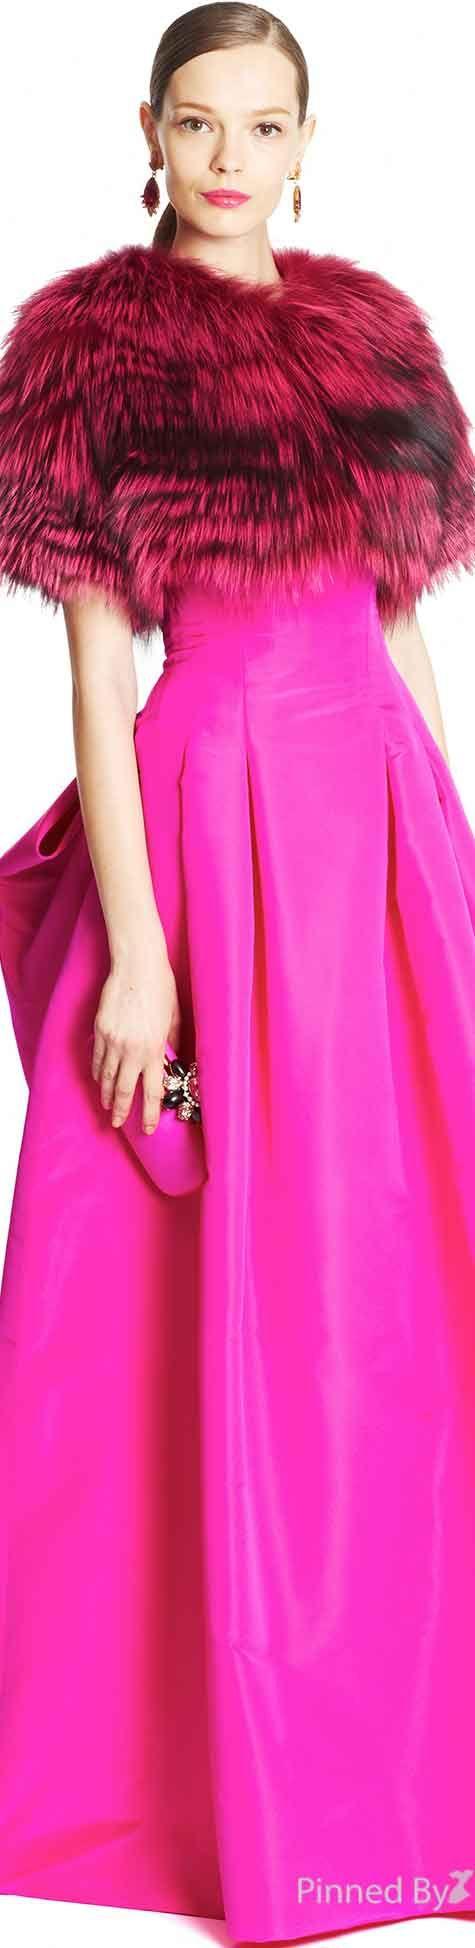 1987 mejores imágenes de Pretty In Pink en Pinterest | Colores, Amar ...